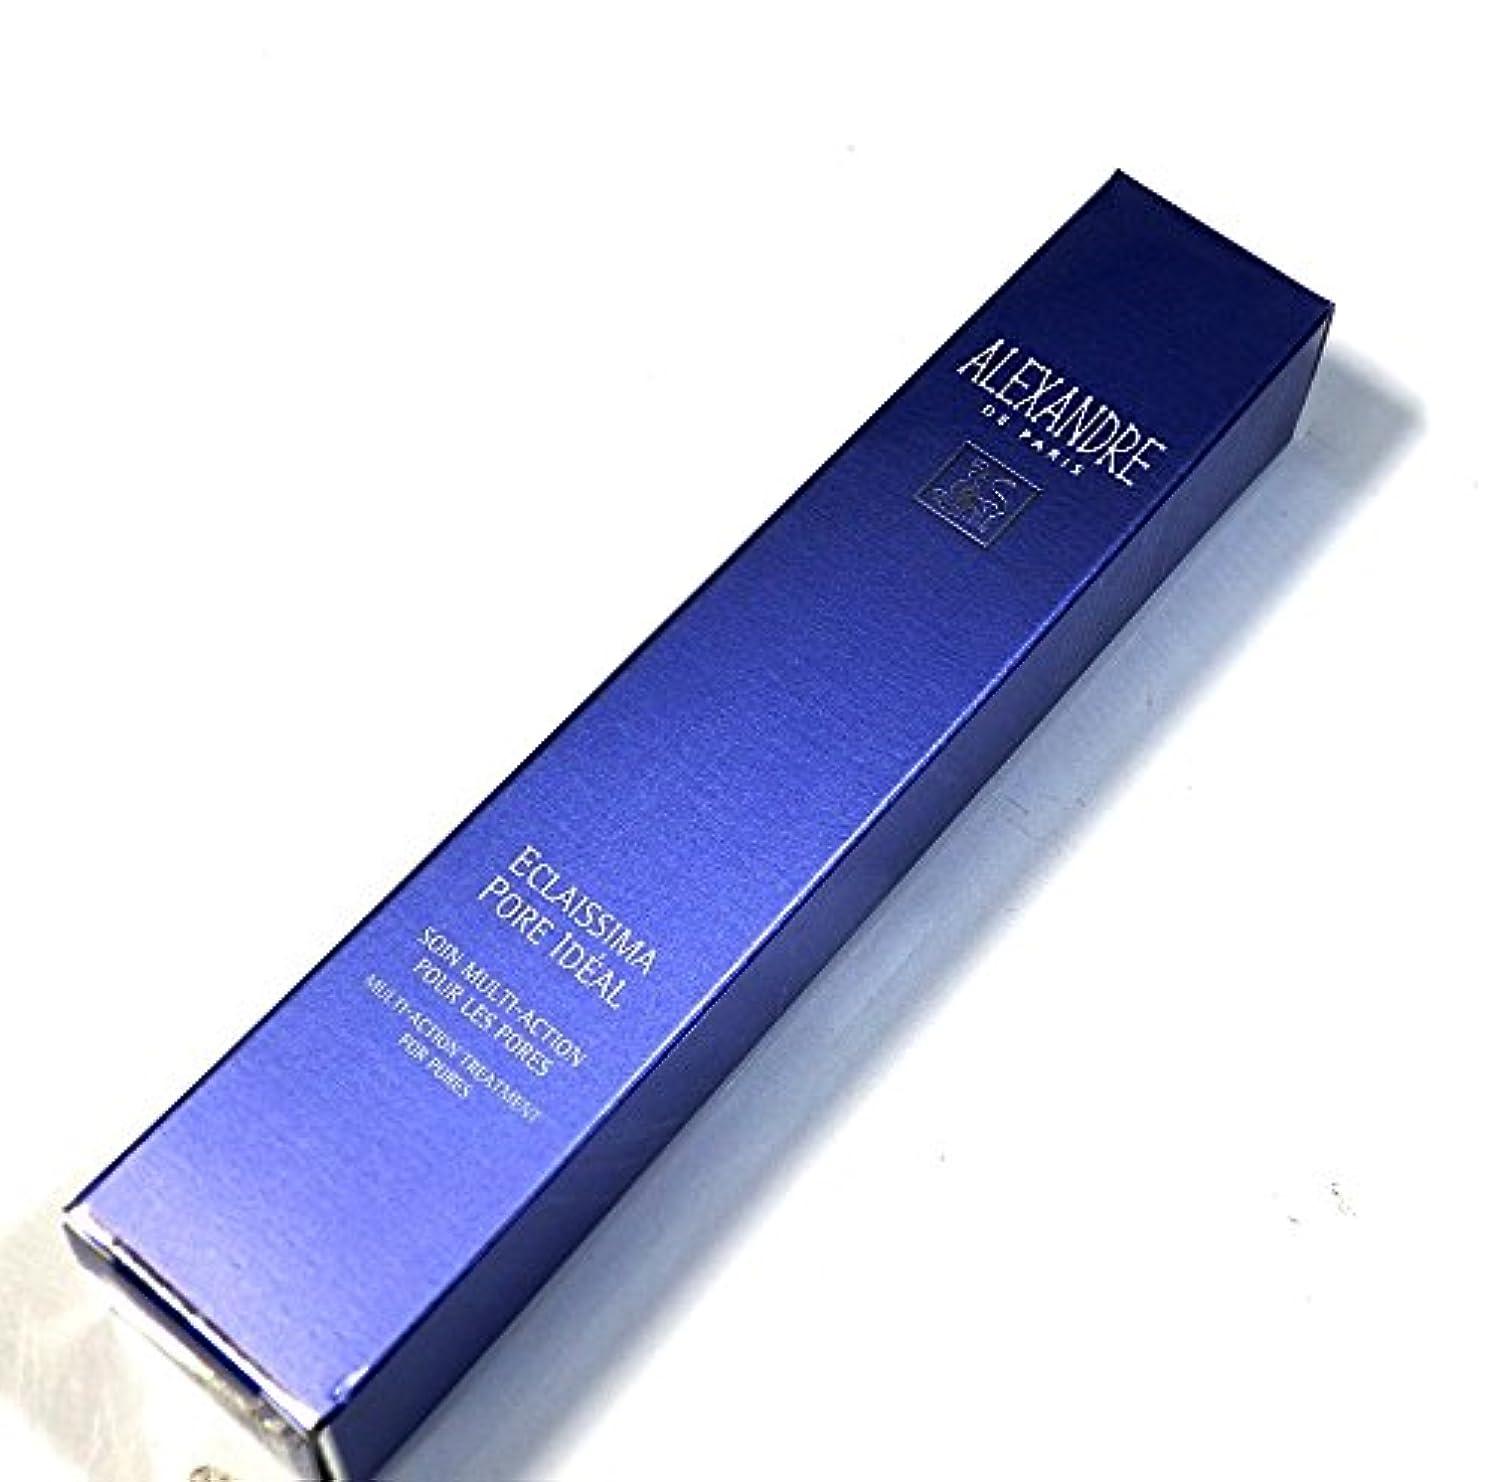 聖域甘やかすタックルアレクサンドル ドゥ パリ エクラシマ ポア イデアル(毛穴美容液)30mL 新品